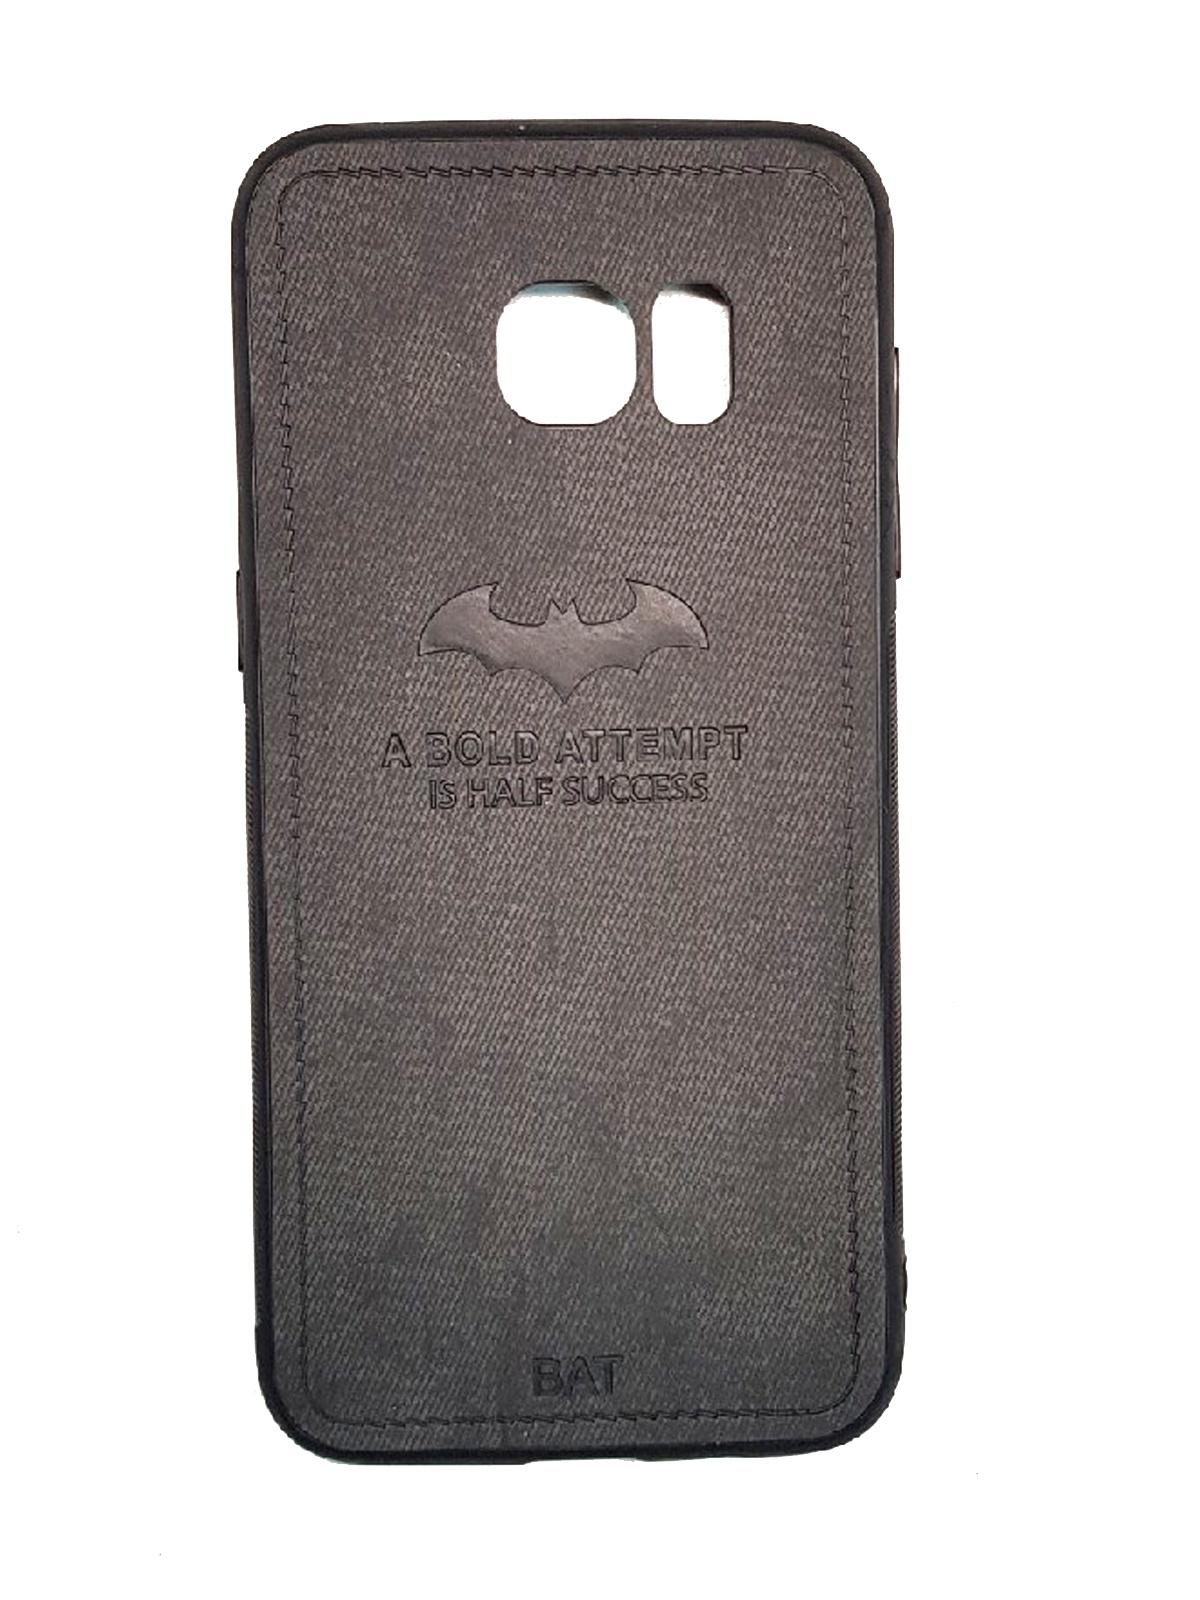 Чехол для сотового телефона Face Idea Samsung S7 Edge, черный